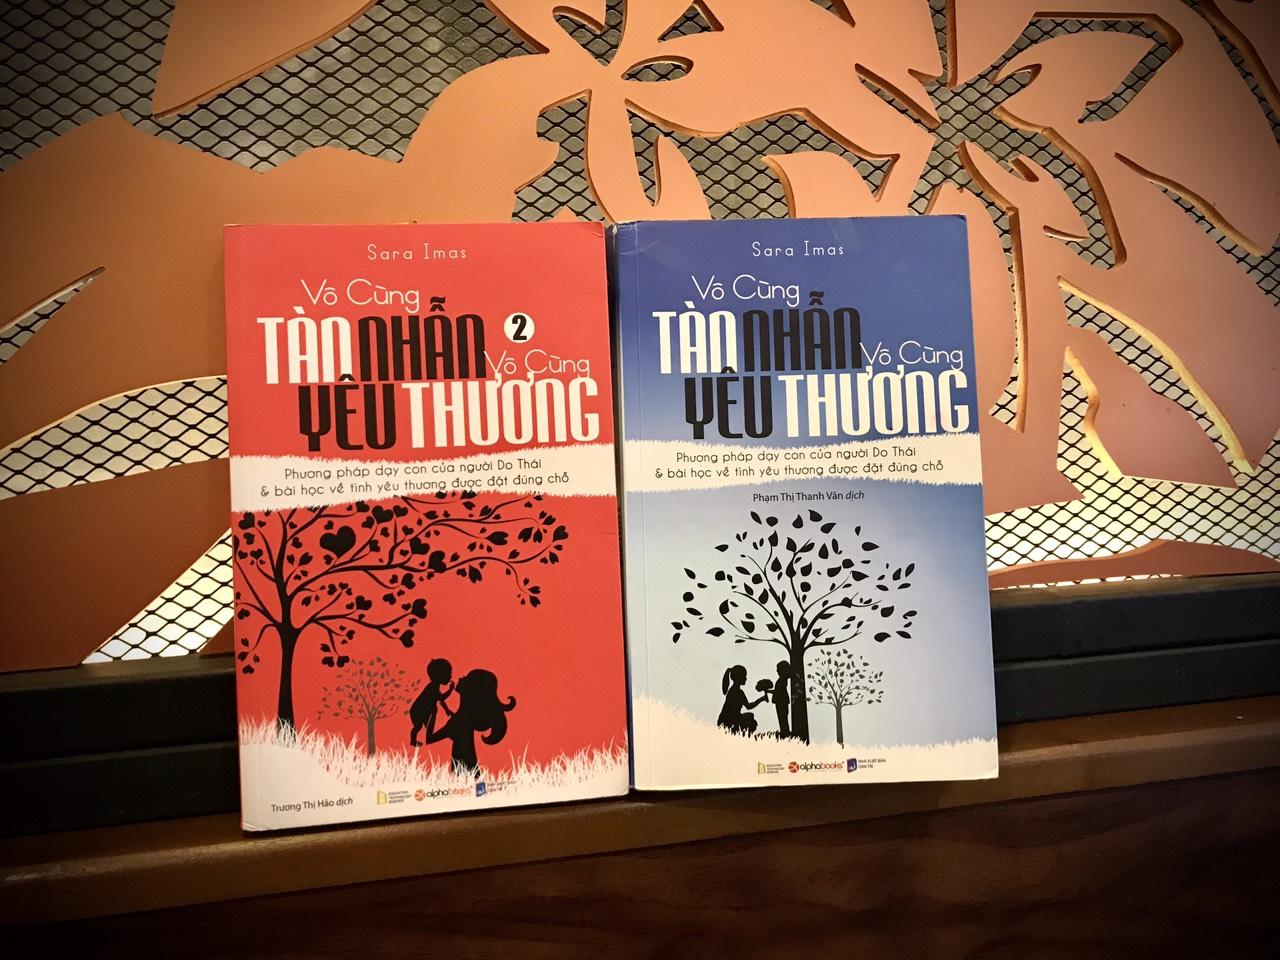 """[Review Sách] Vô Cùng Tàn Nhẫn Vô Cùng Yêu Thương: Sách giá khoa của """"Trường Phu Phạm"""" cho các bậc cha mẹ."""